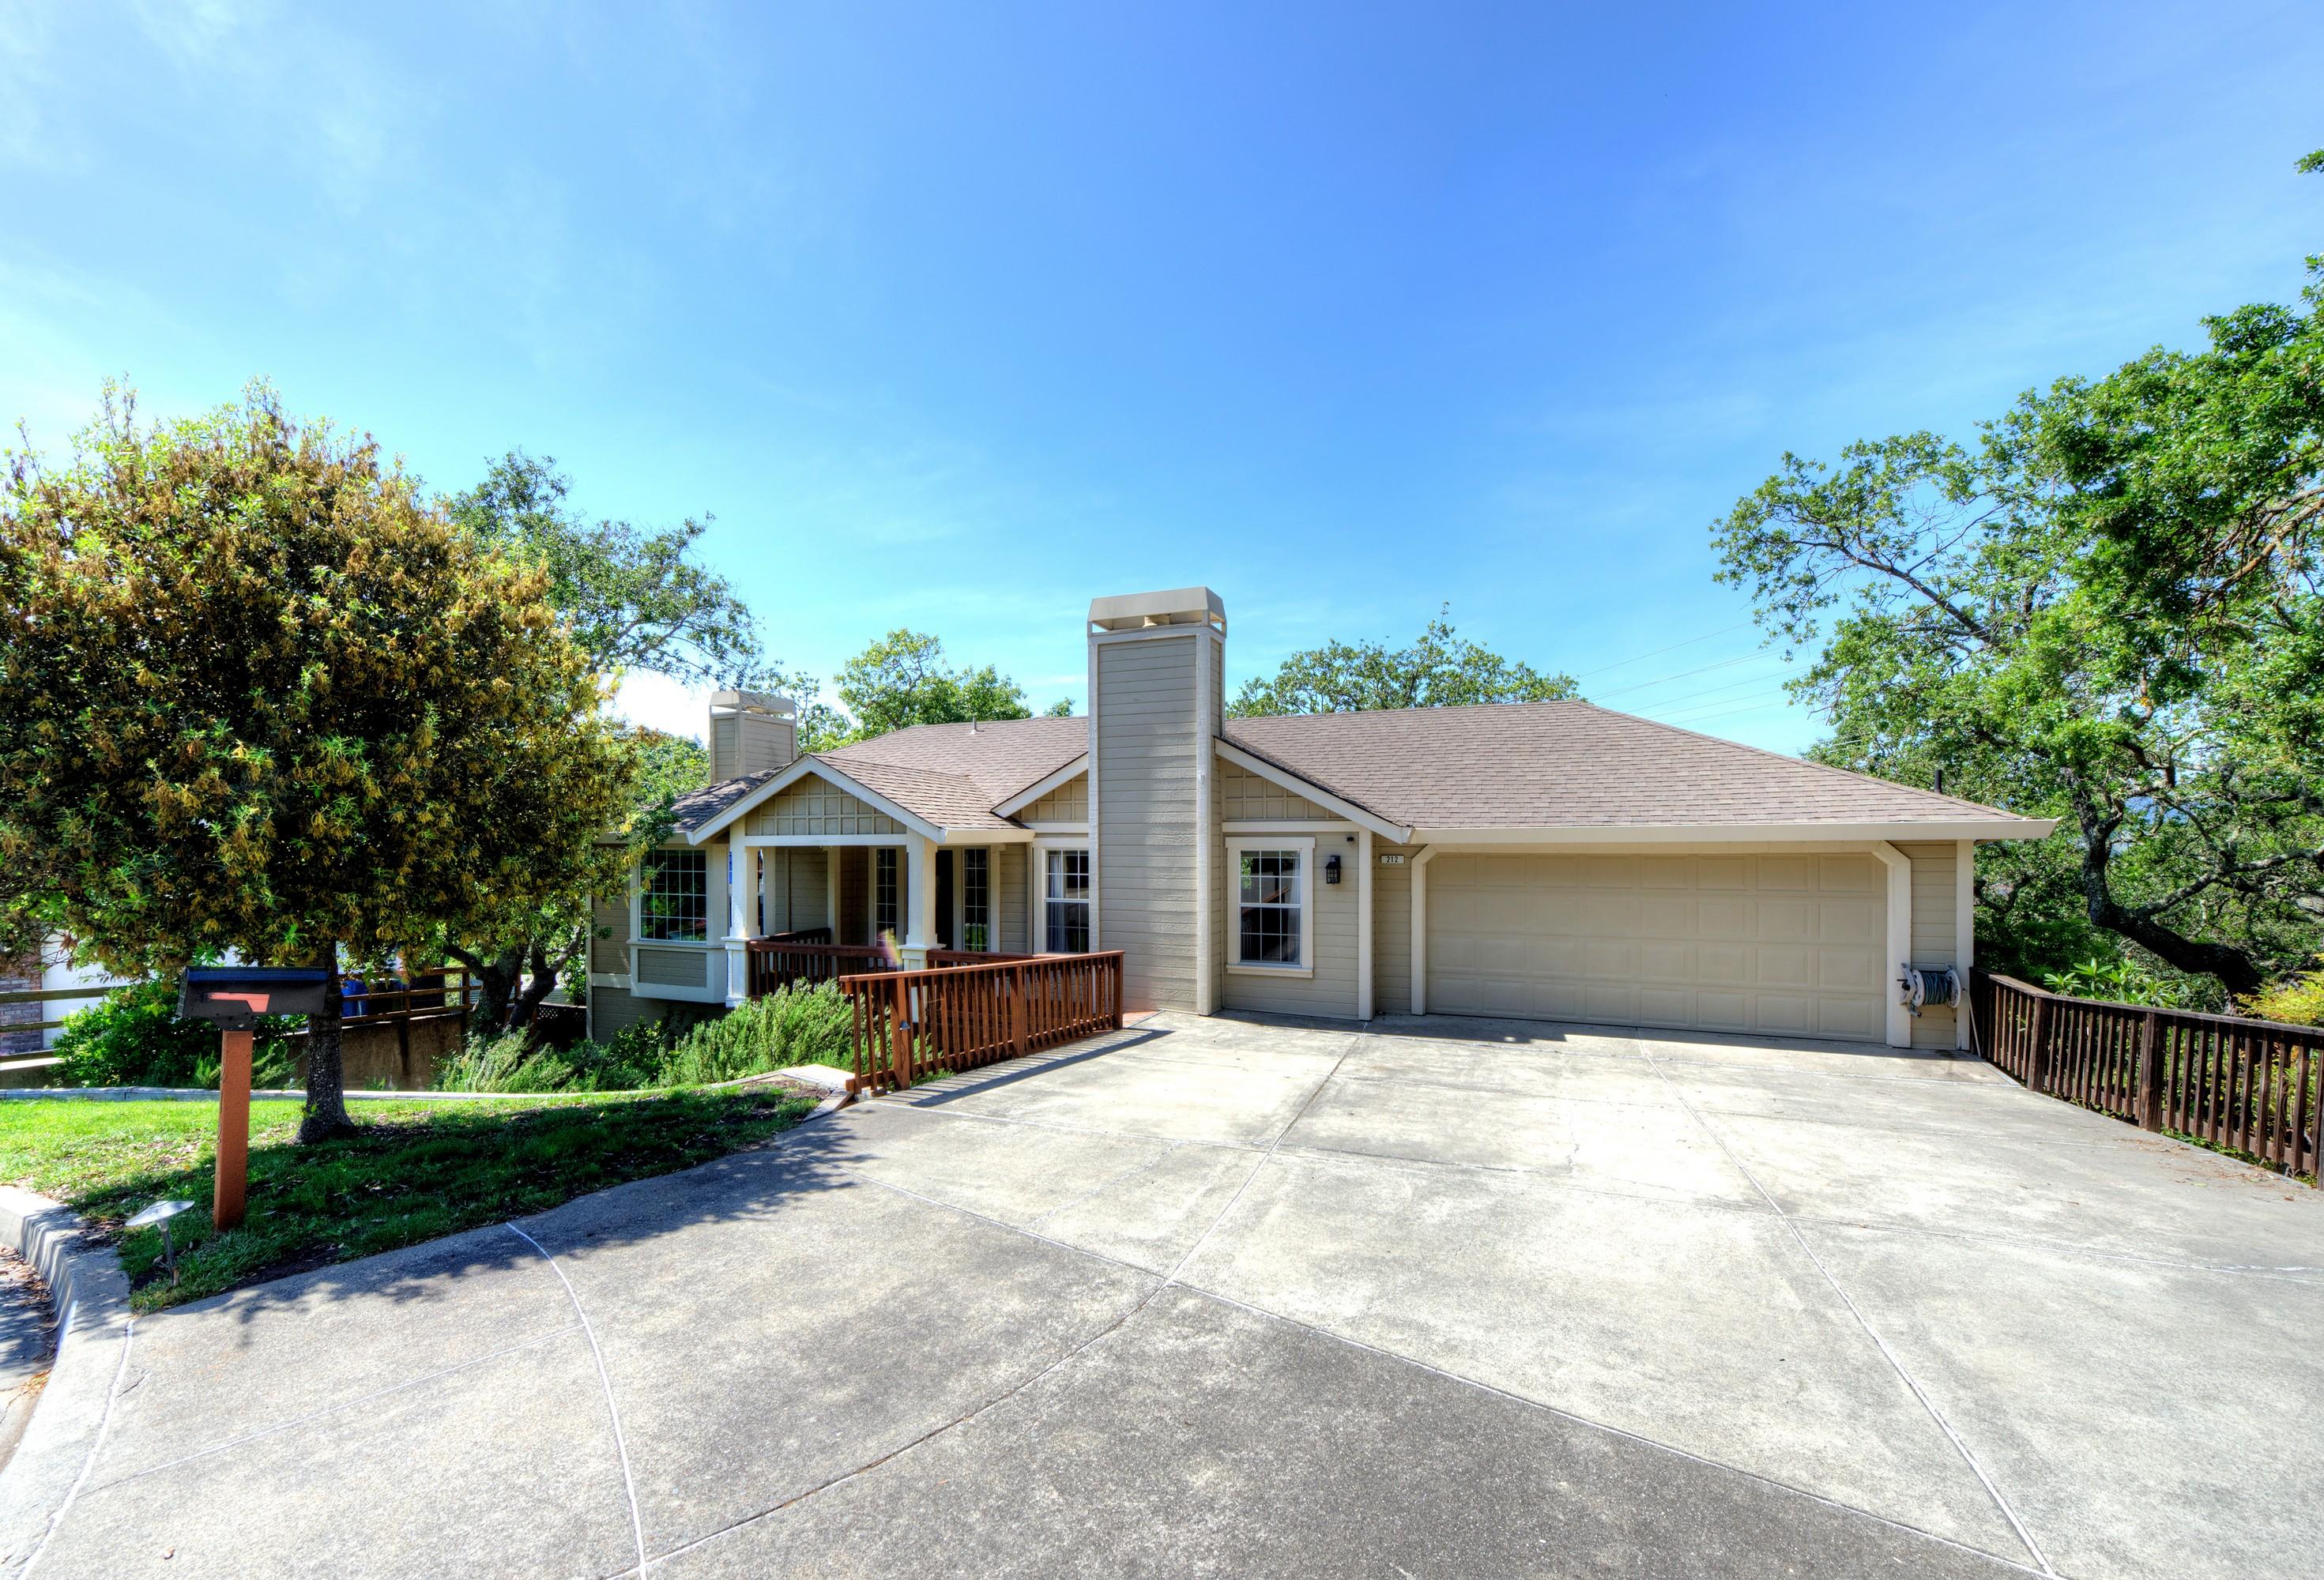 Einfamilienhaus für Verkauf beim Peaceful Setting in Southern Novato 212 Judith Court Novato, Kalifornien, 94949 Vereinigte Staaten